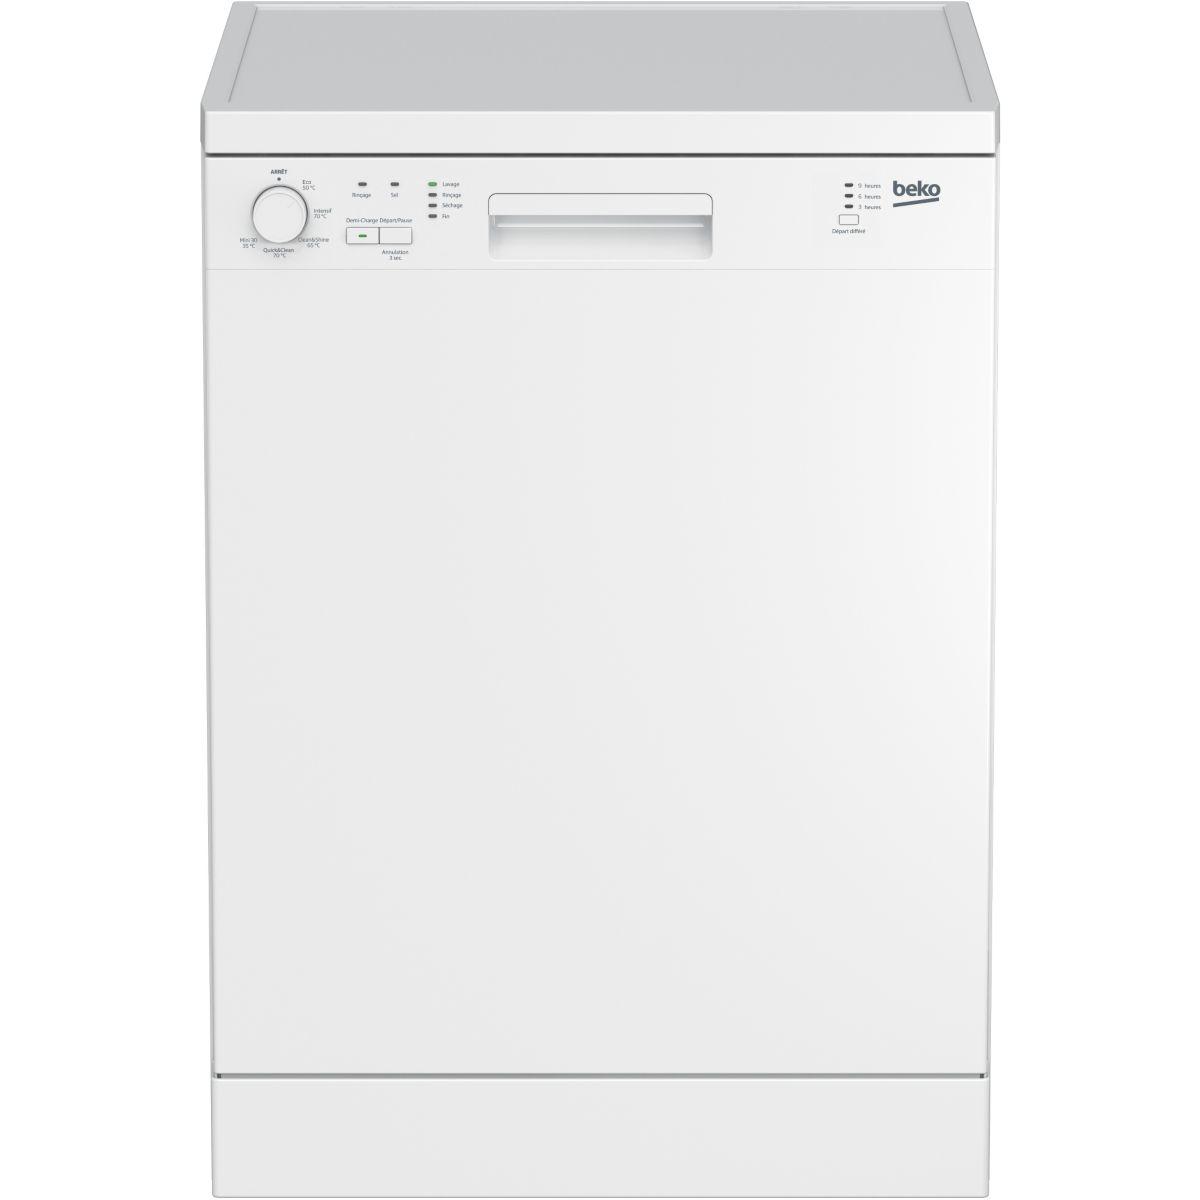 Lave vaisselle 60 cm BEKO LVP 62W1